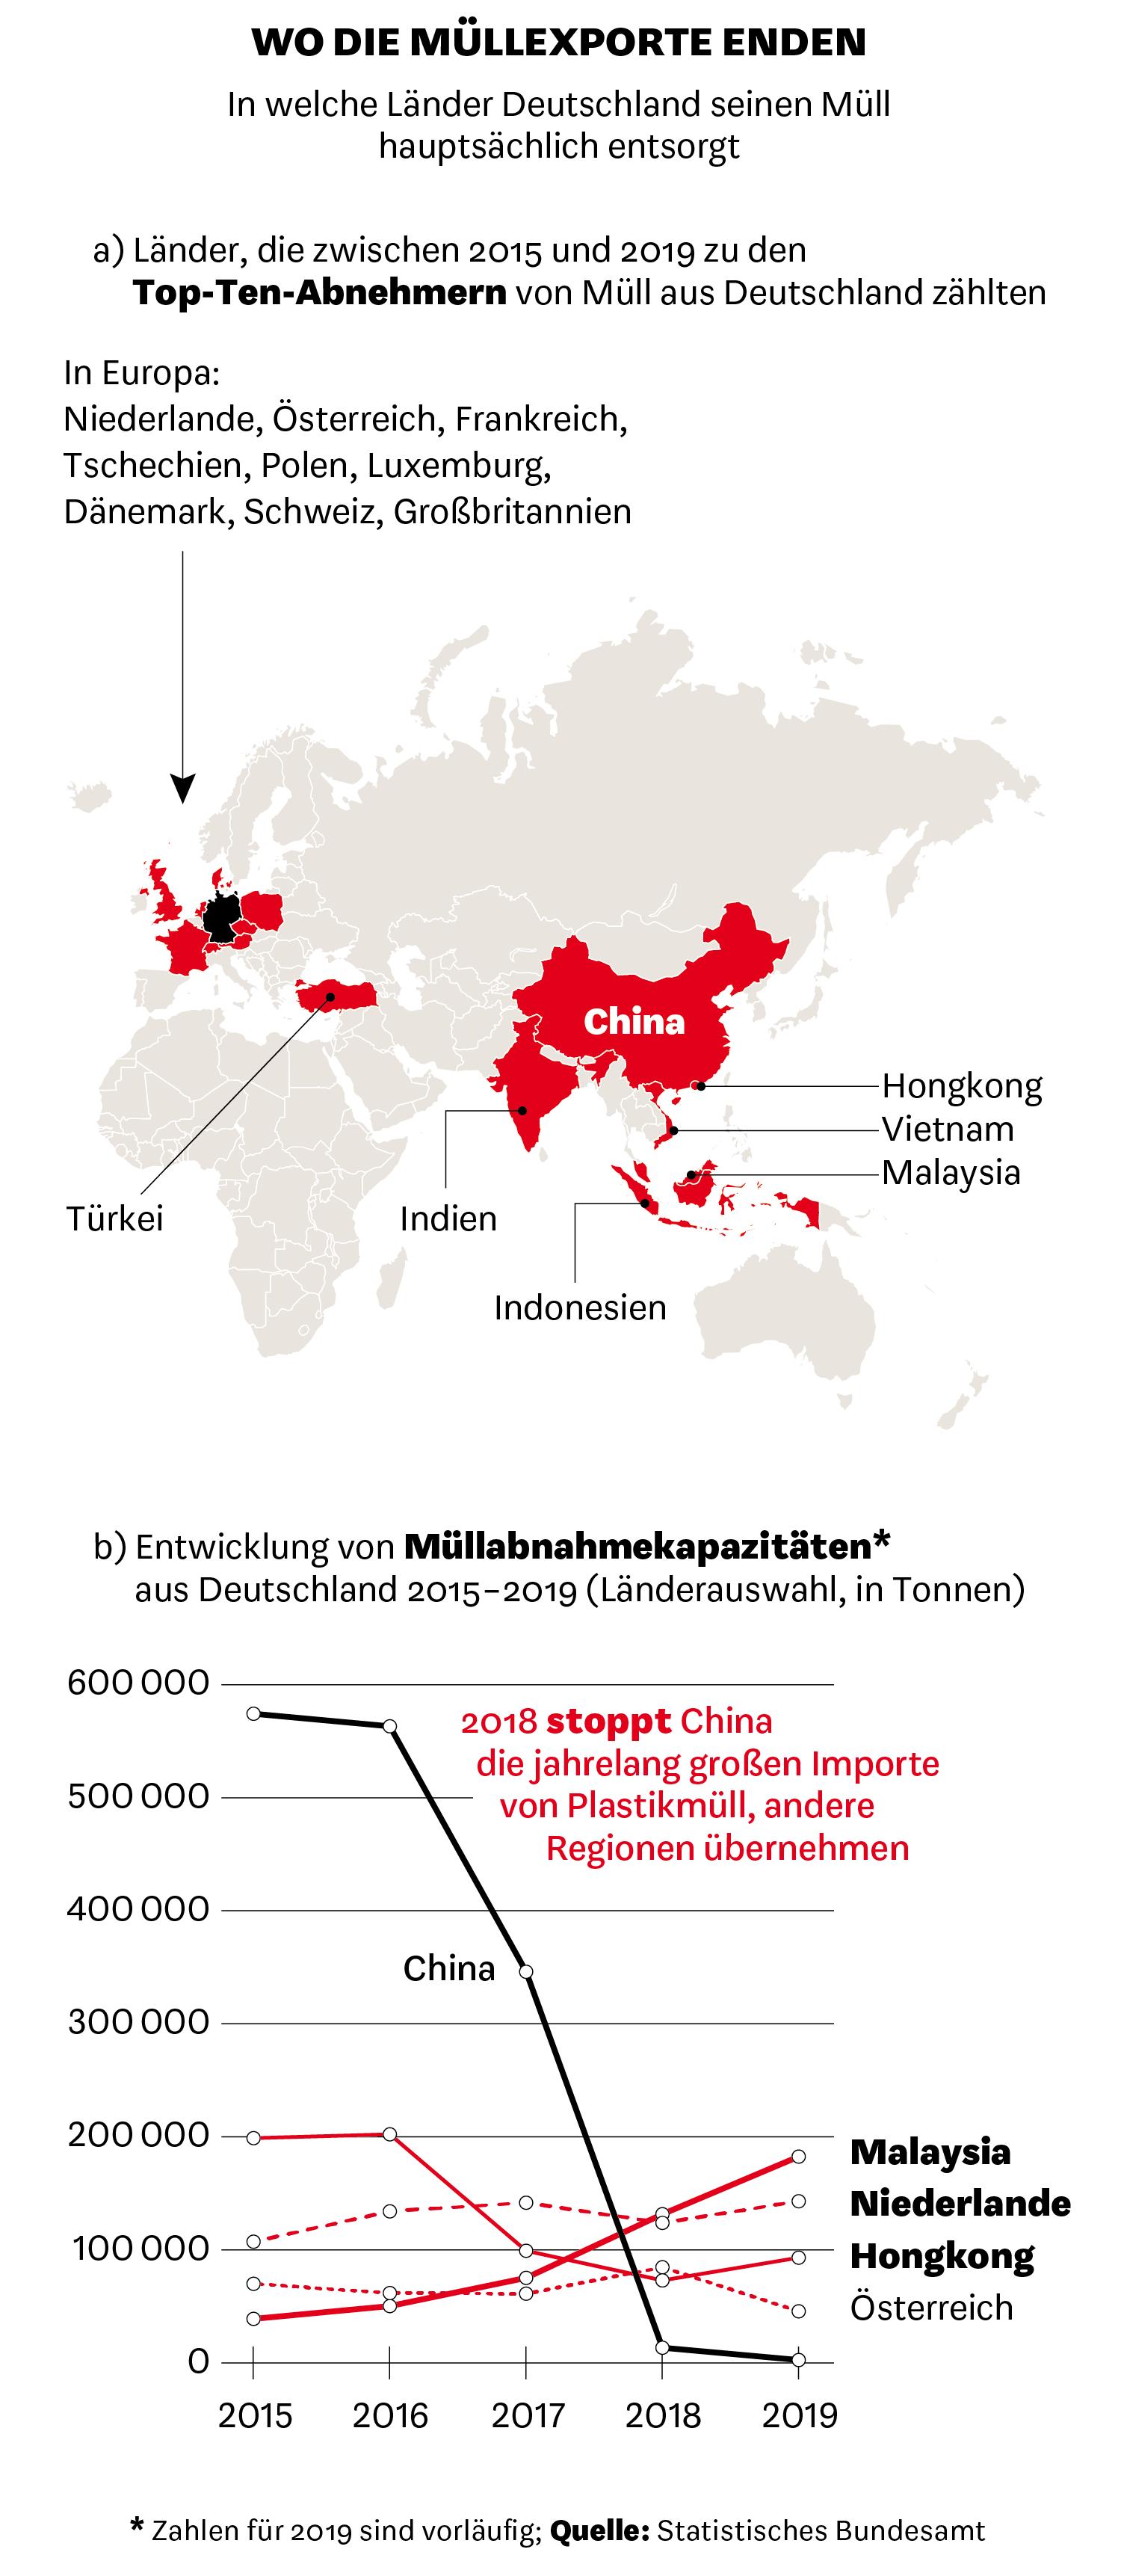 In welche Länder Deutschland seinen Müll hauptsächlich entsorgt